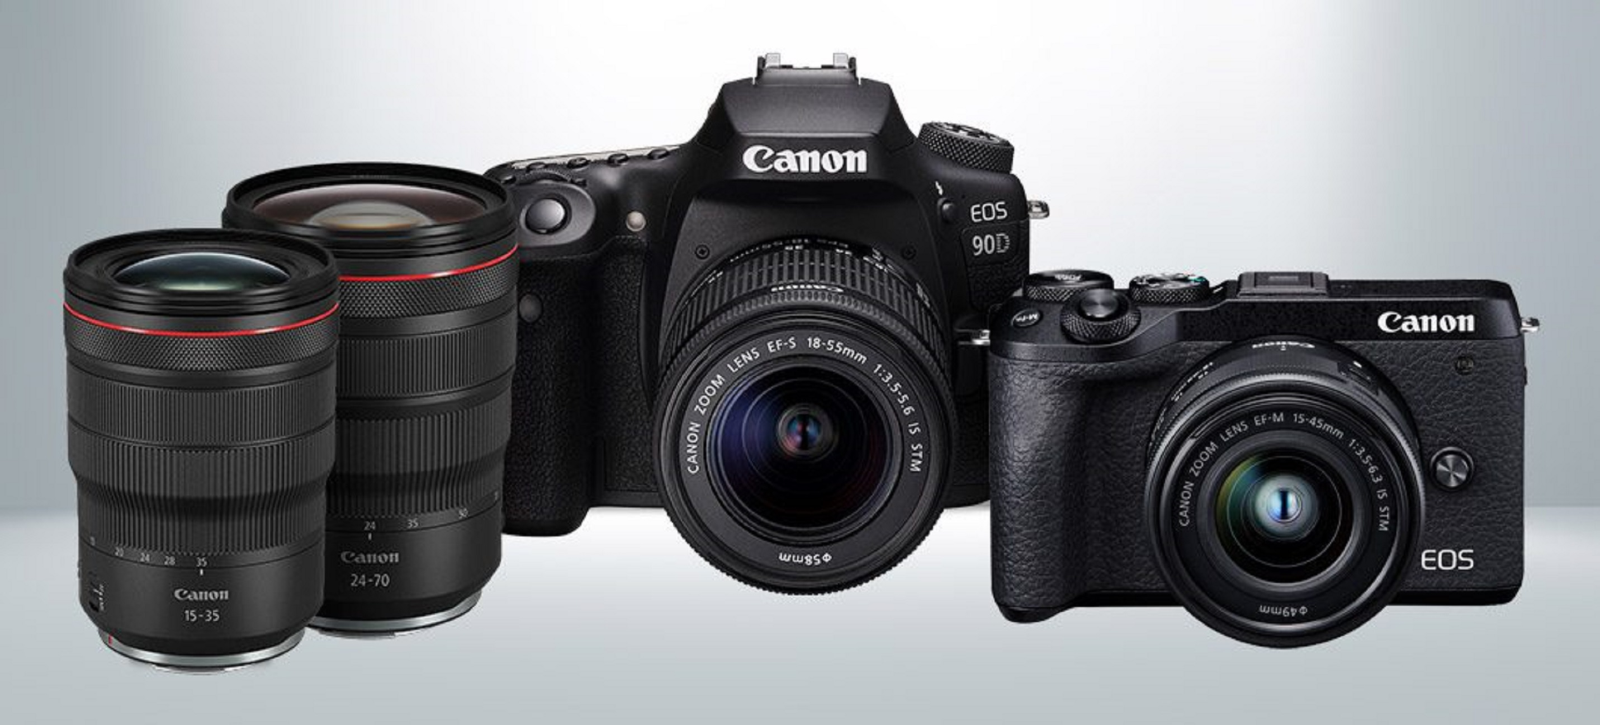 Canon chính thức trình làng bộ đôi máy ảnh DSLR EOS 90D và mirrorless EOS M6 Mark II